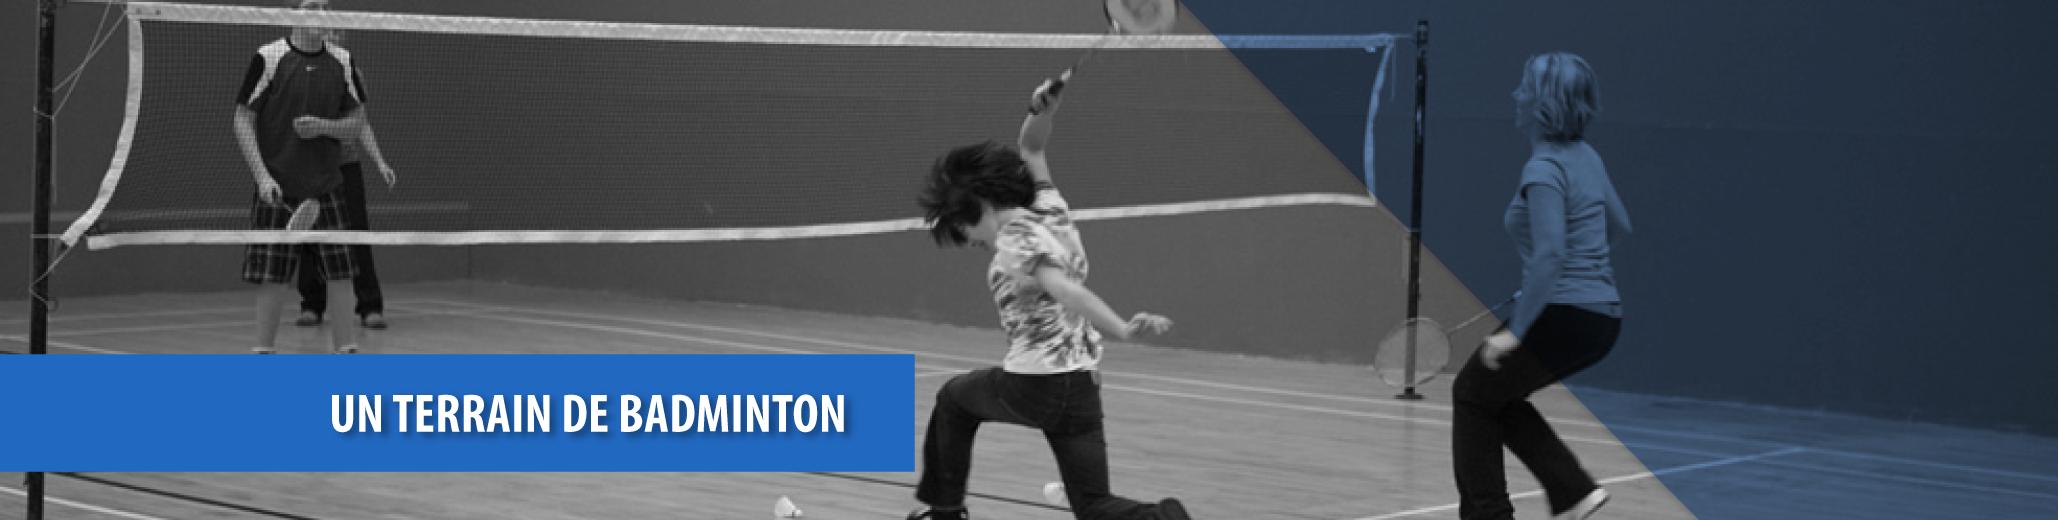 banniere_badminton_2058